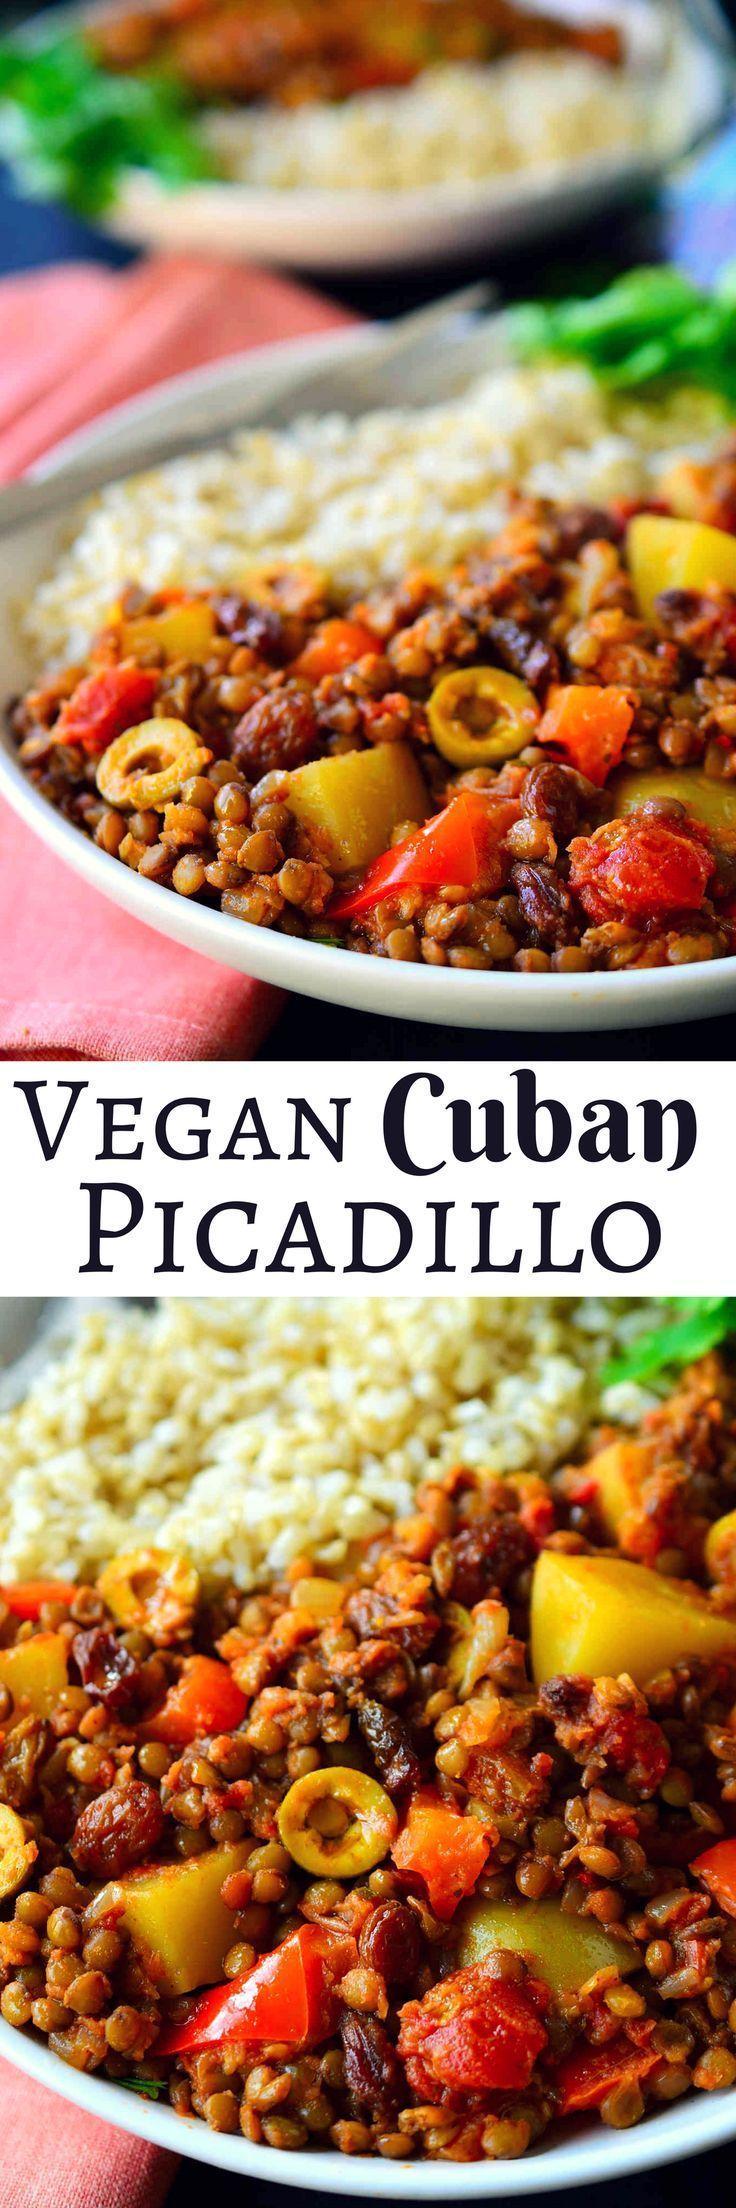 Vegan Picadillo   Cilantro and Citronella